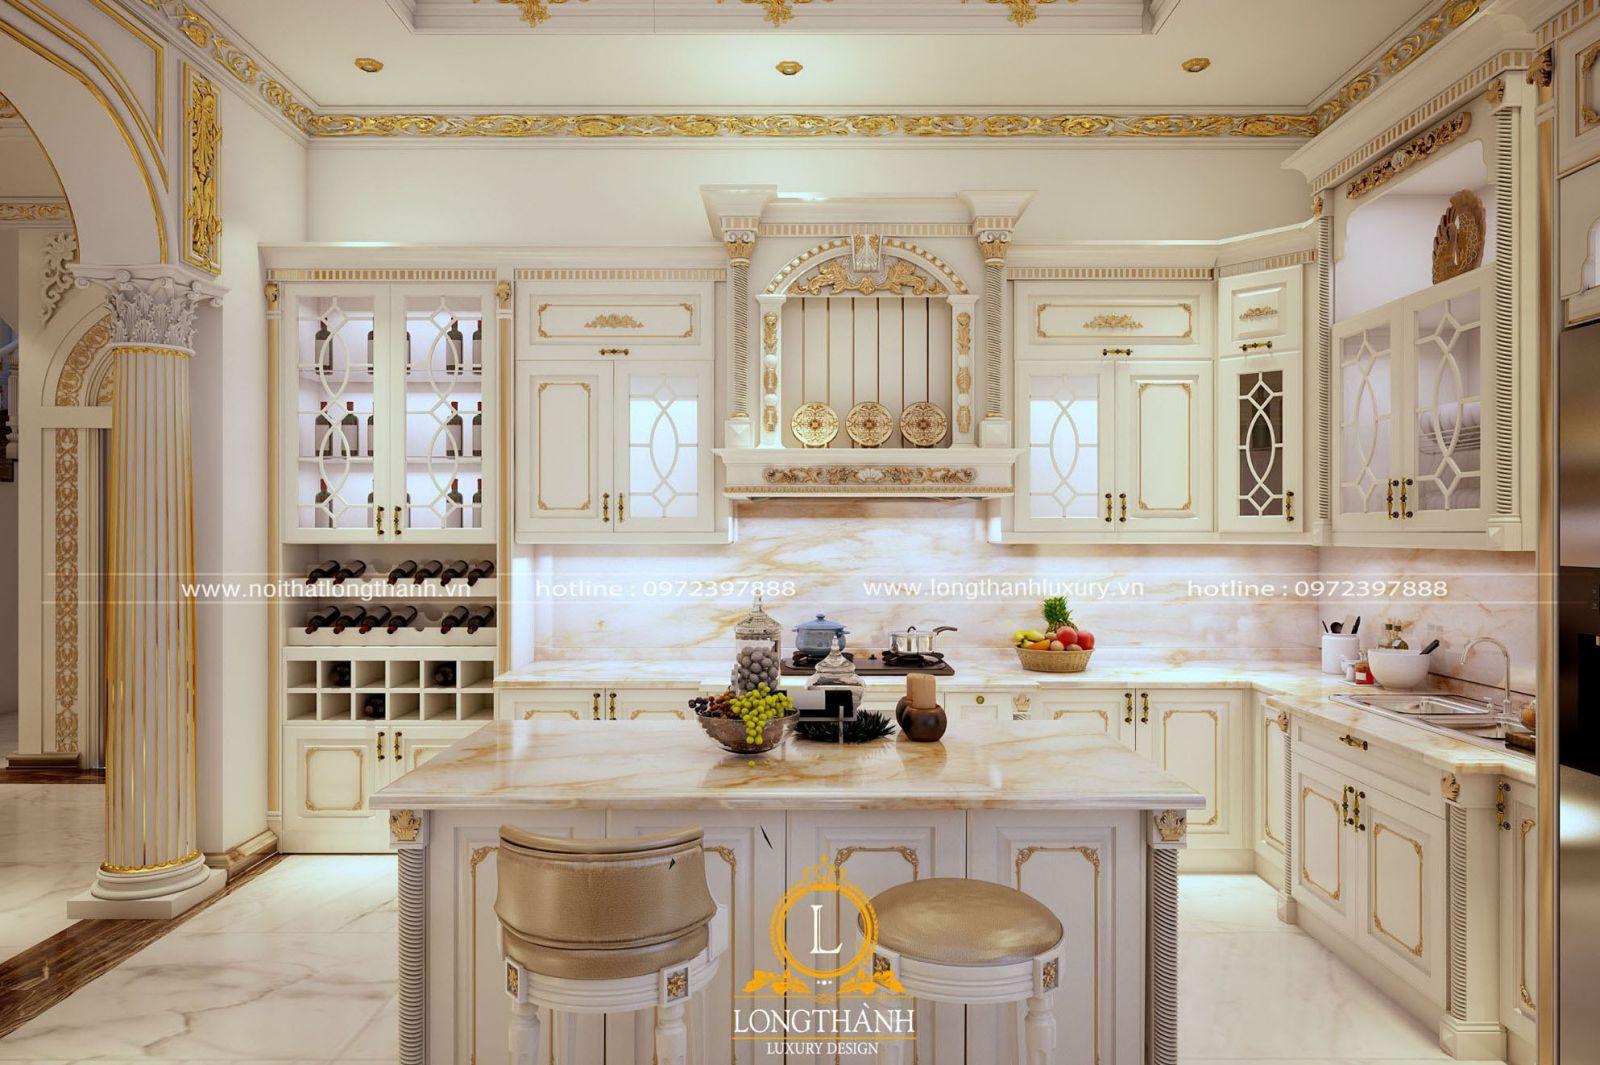 Mẫu tủ bếp tân cổ điển kết hợp bàn đảo khéo léo